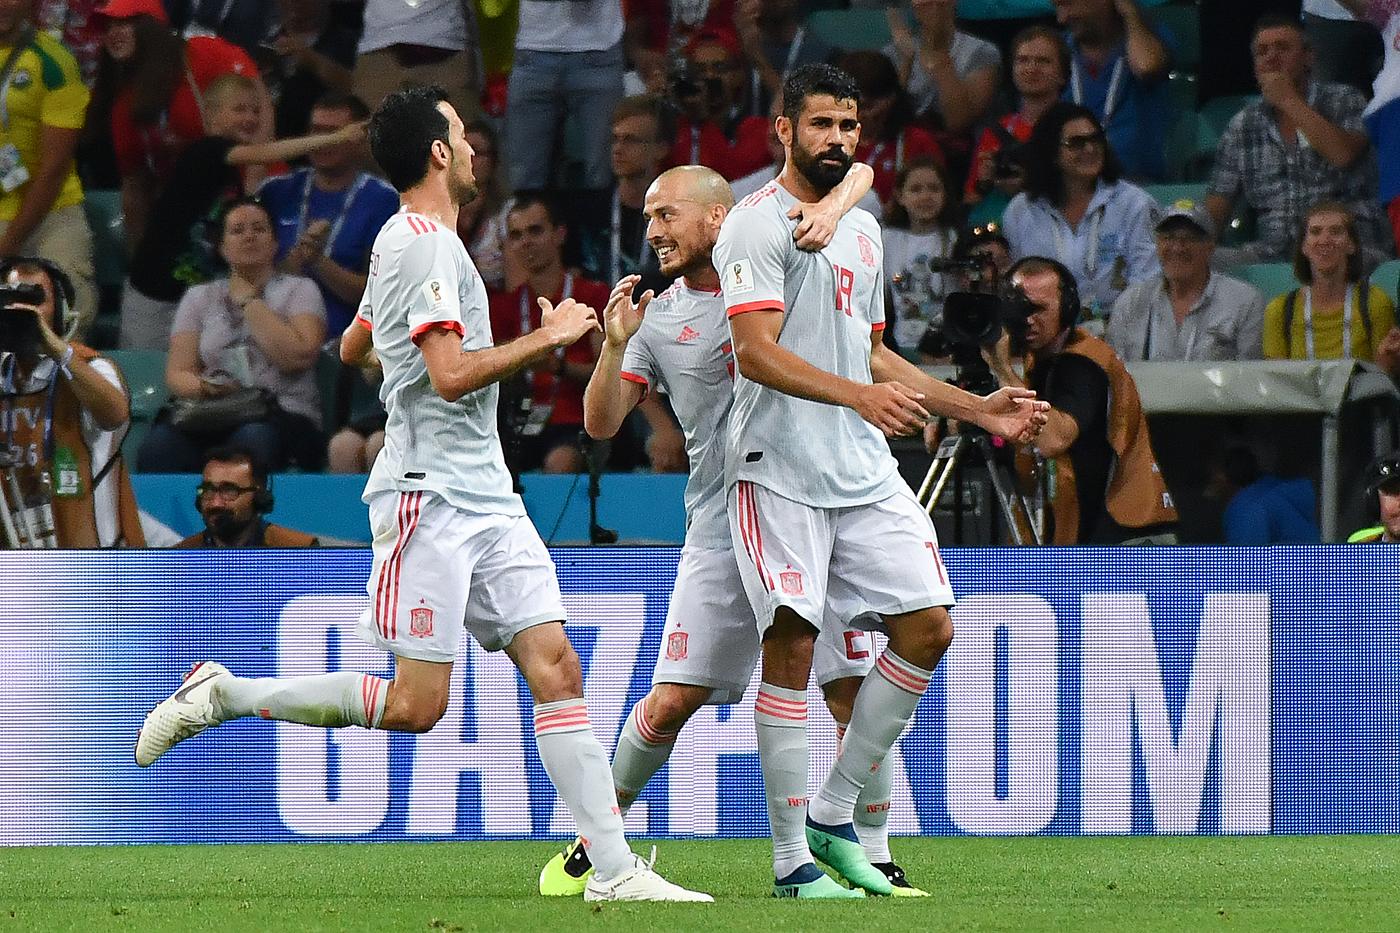 Spagna-Marocco lunedì 25 giugno, analisi e pronostico Mondiali Russia 2018 girone B terza giornata